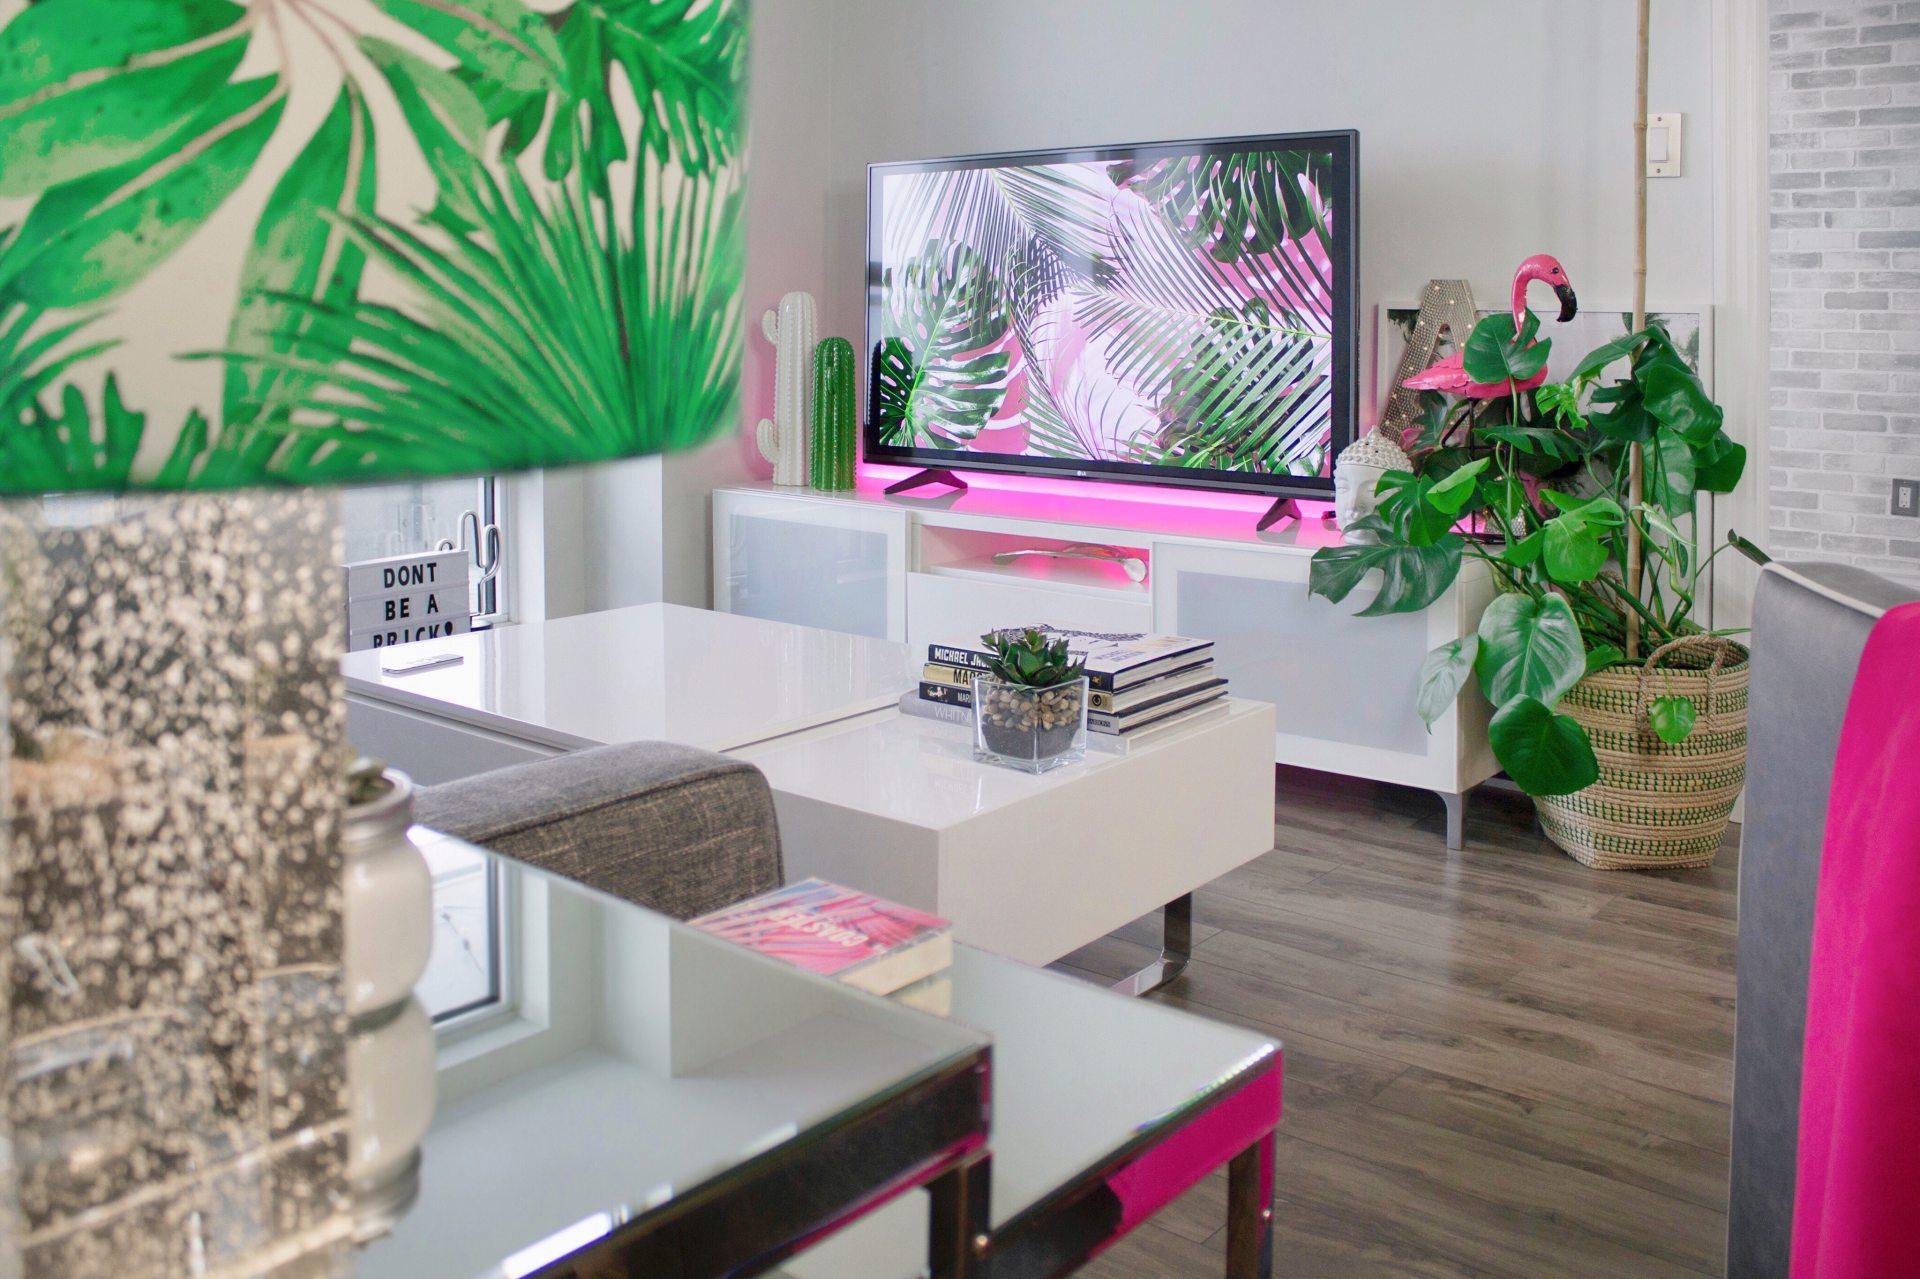 apartment-books-cactus-1046639